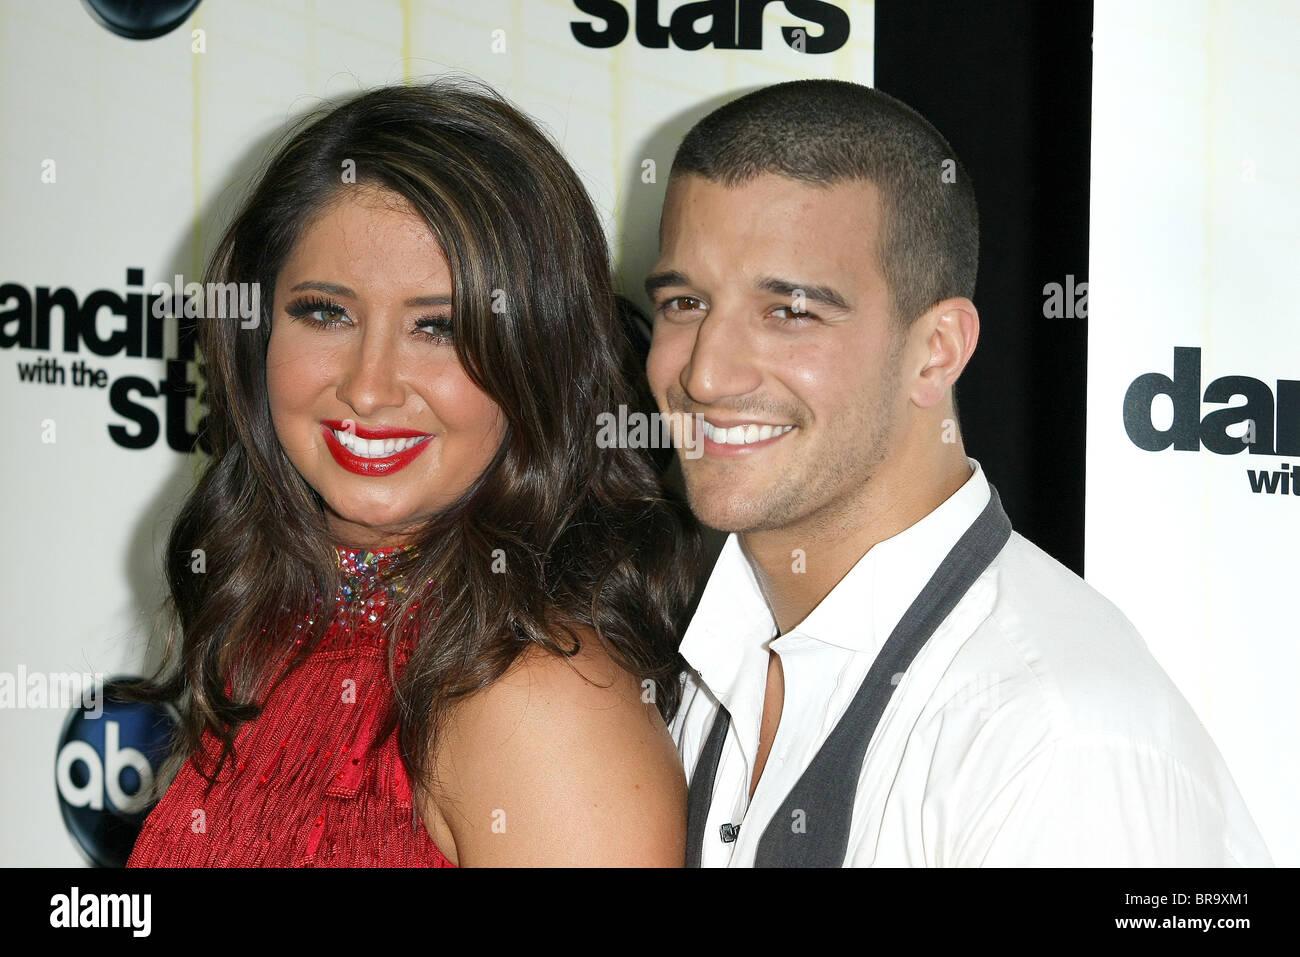 Are Bristol Palin And Mark Ballas Dating Chelsie Hightower